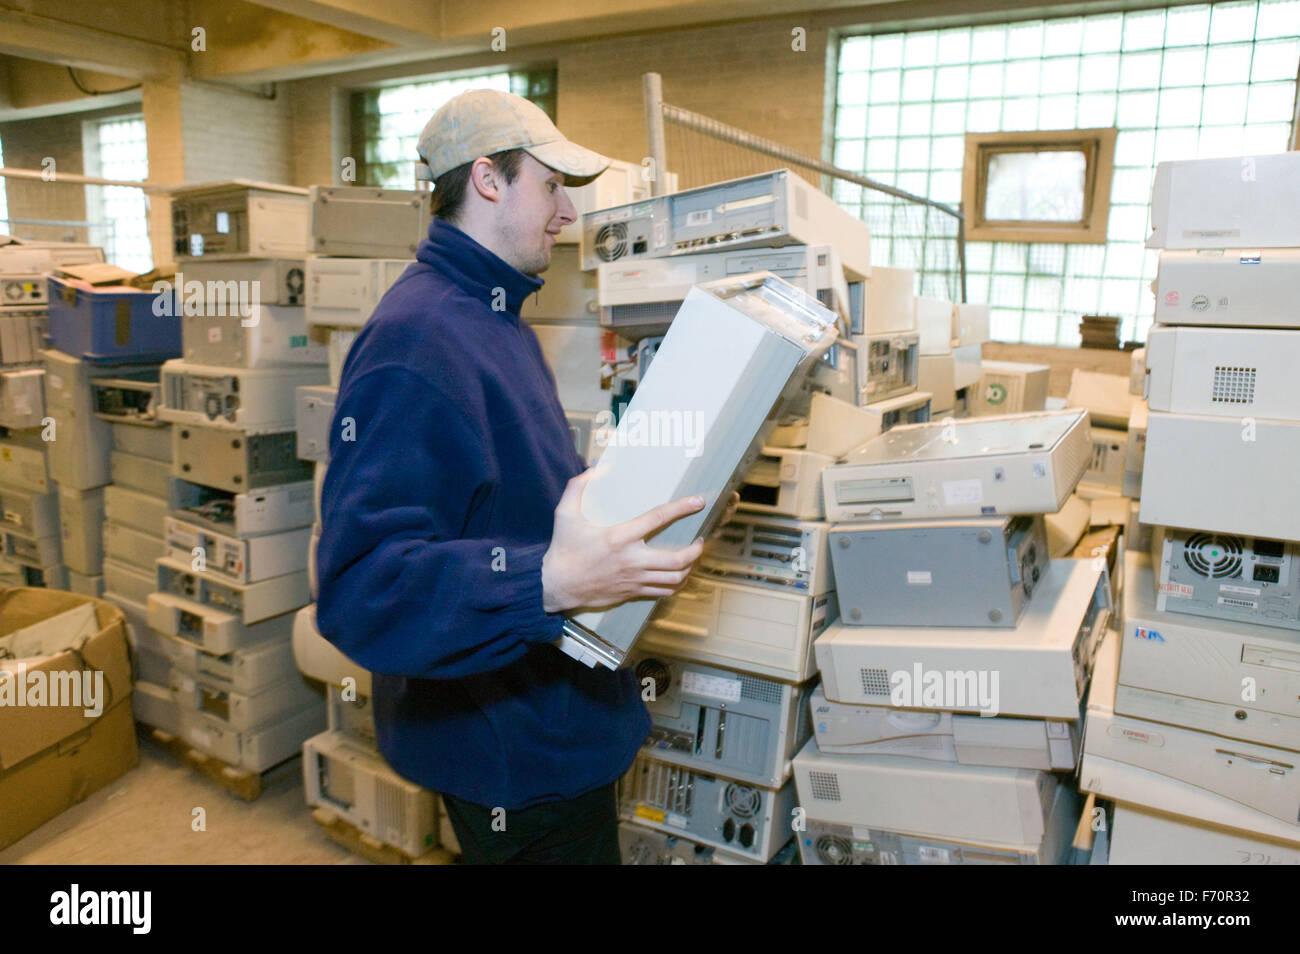 L'homme s'empilent les ordinateurs usés à l'usine de recyclage, Photo Stock